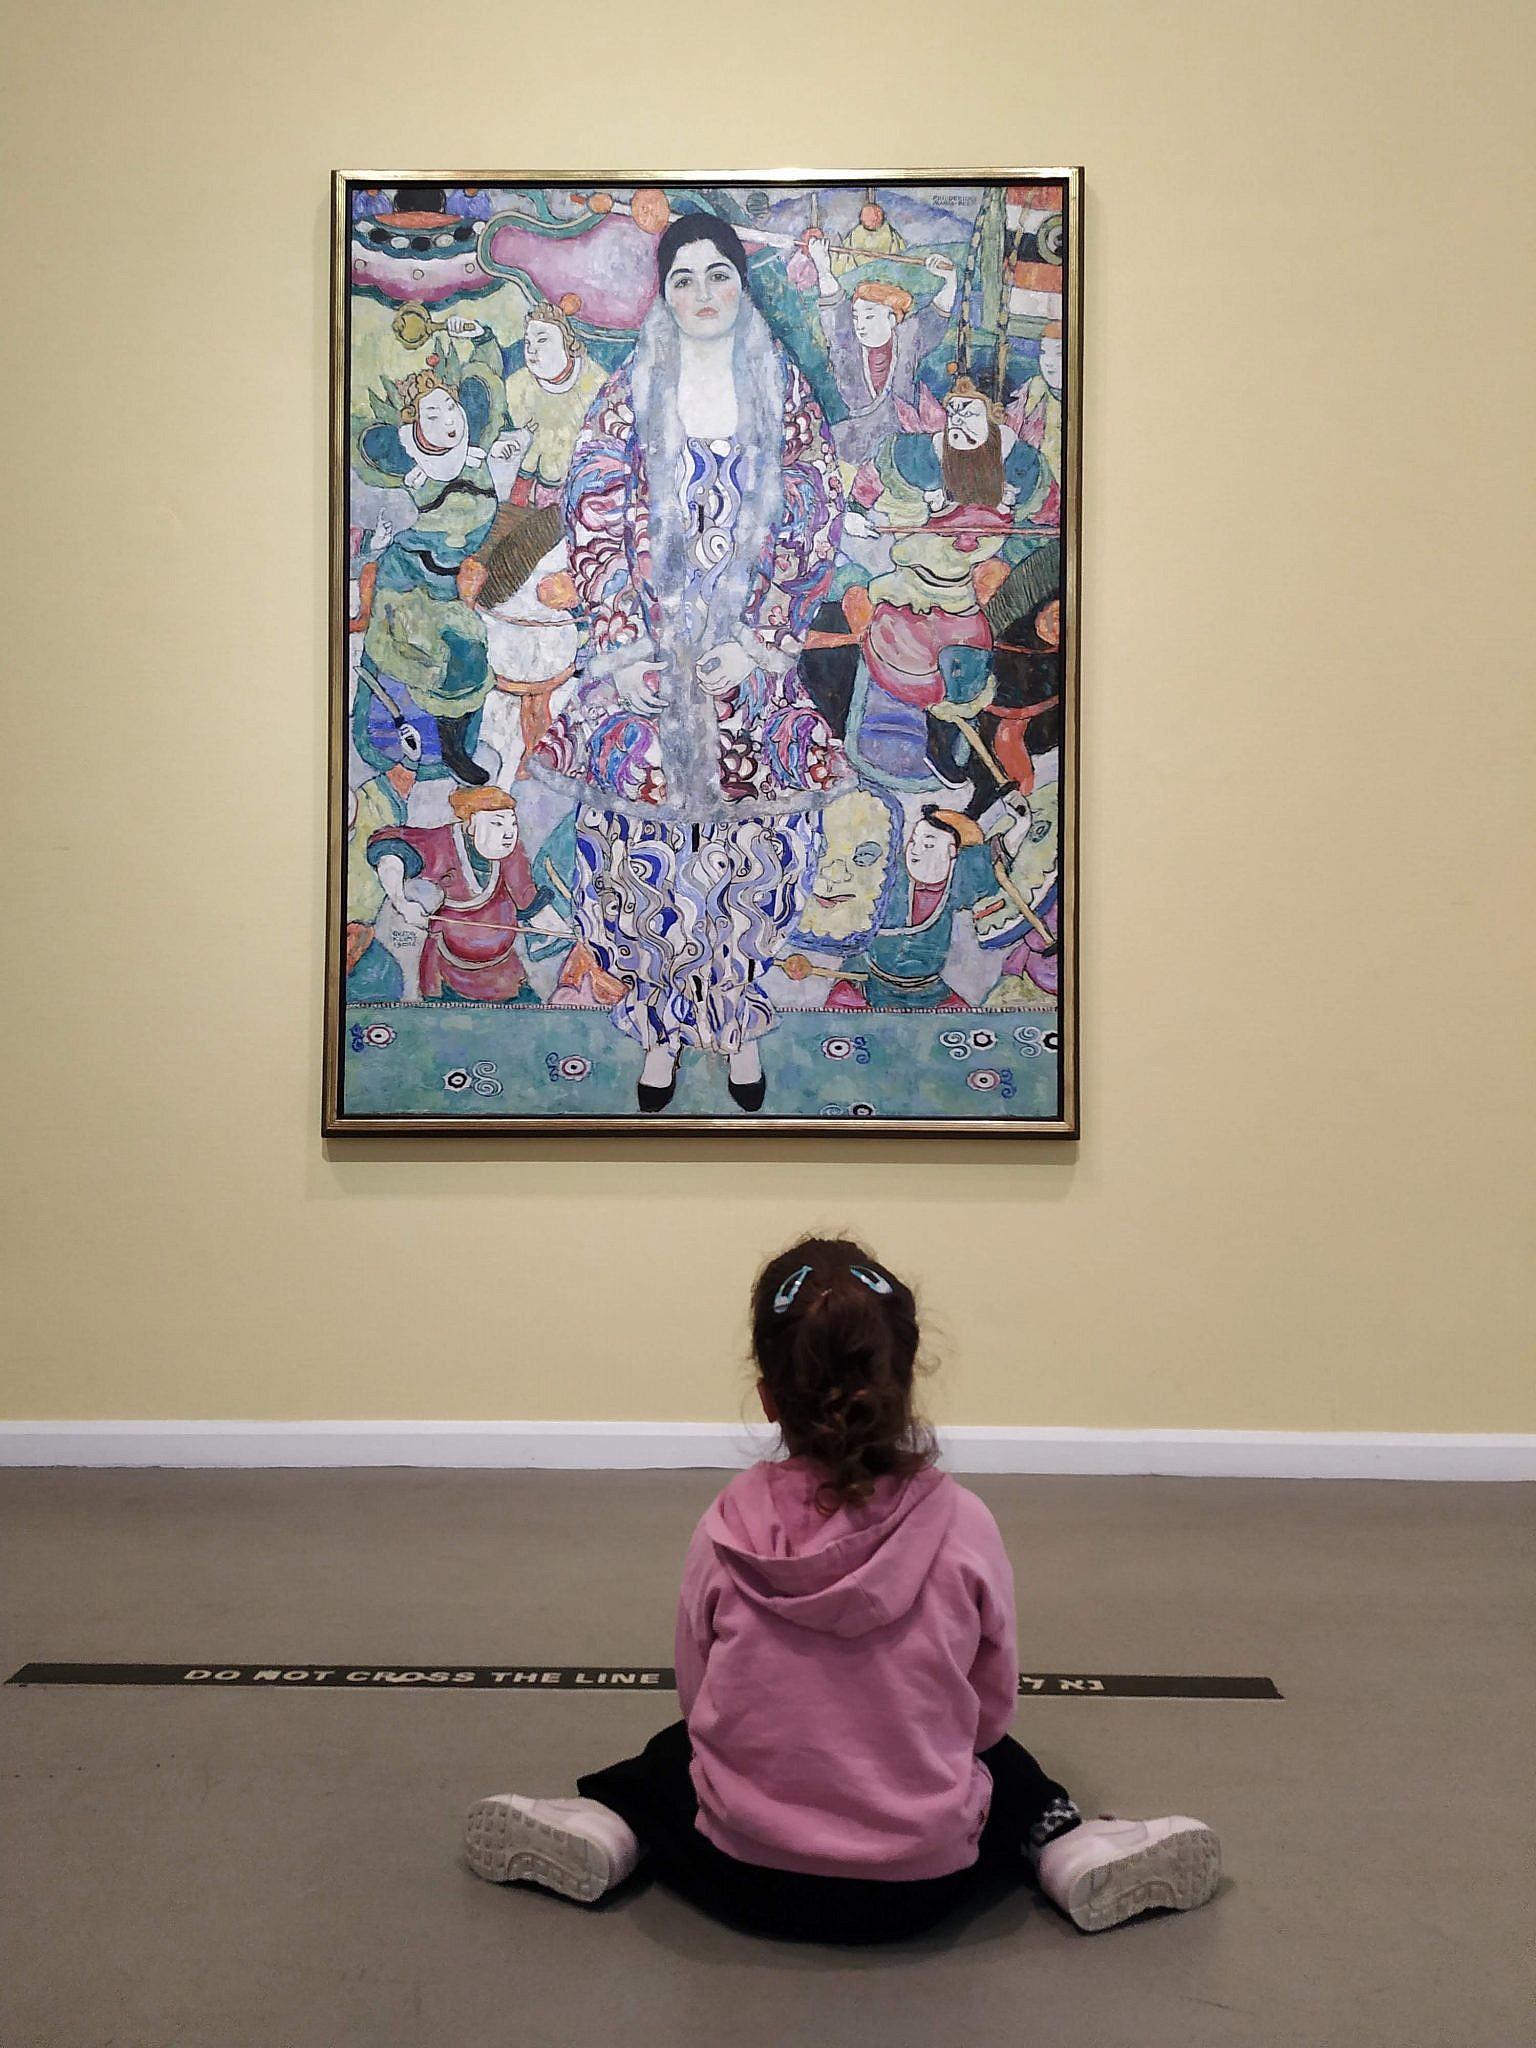 המוזיאונים חיוניים לבריאות הנפשית של ילדינו. מוזיאון תל אביב